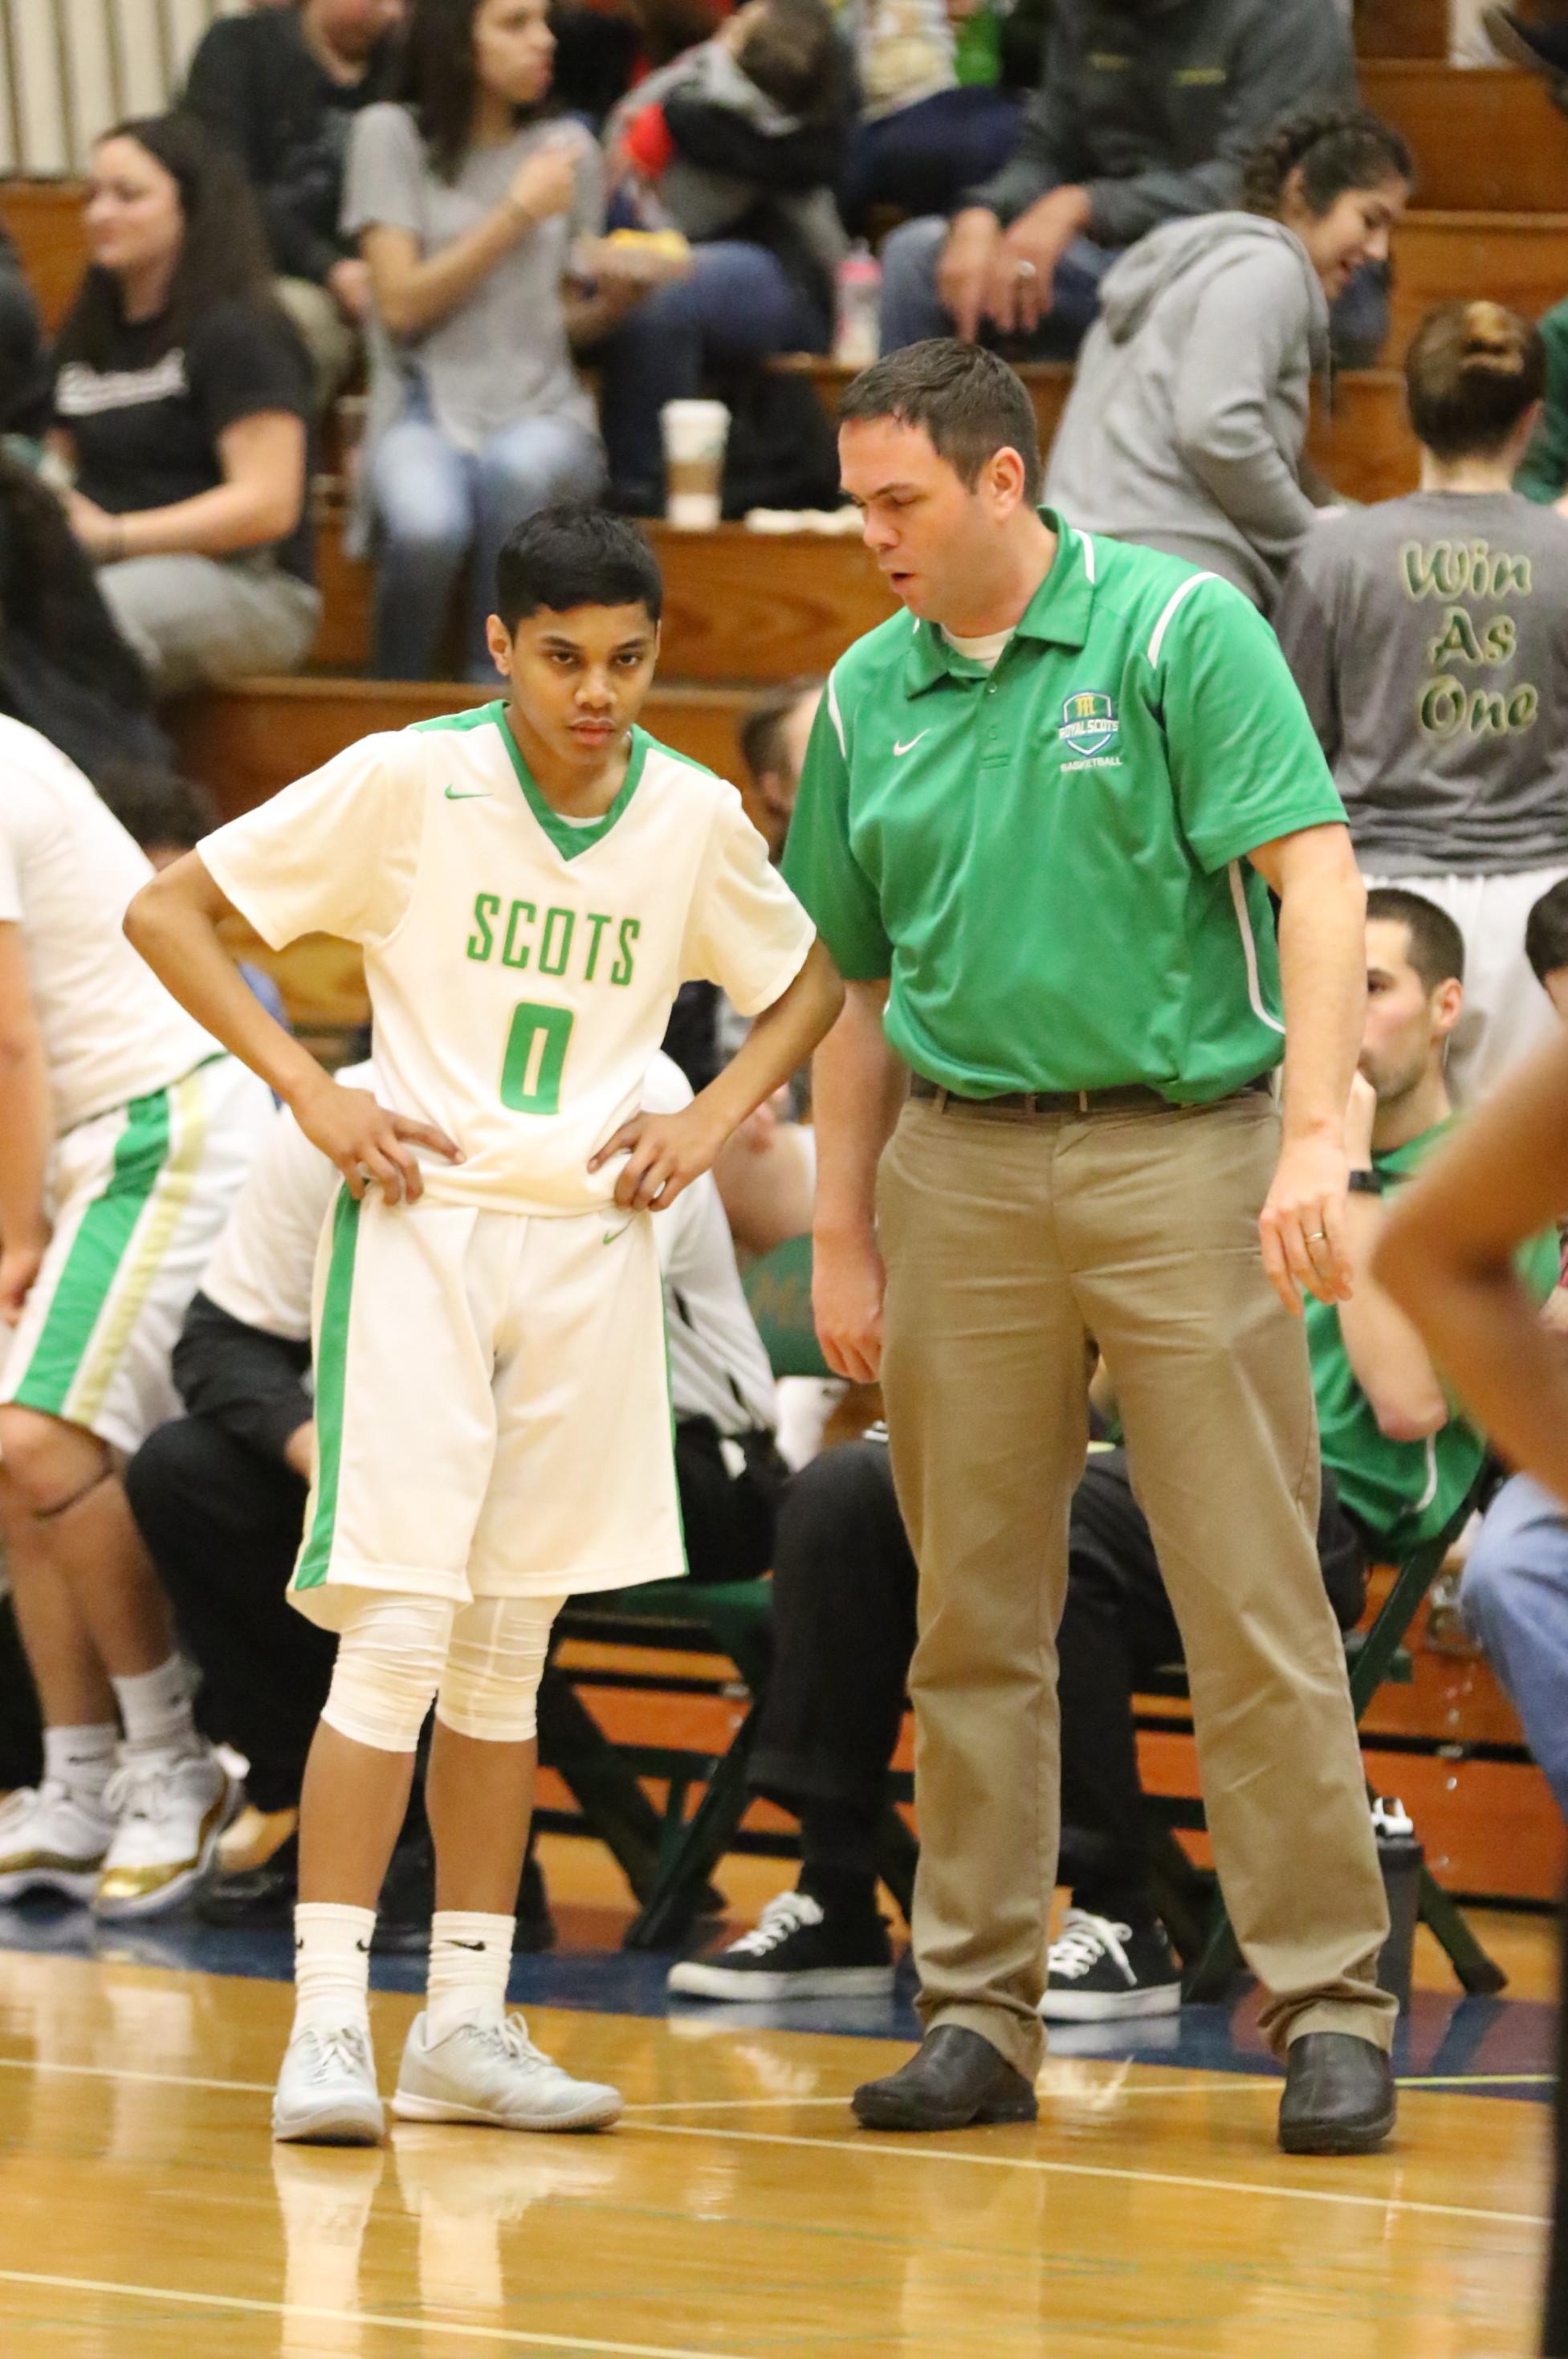 Coach Dean Sanderson gives Drioji a play to run. Photo by Kent Brewer.